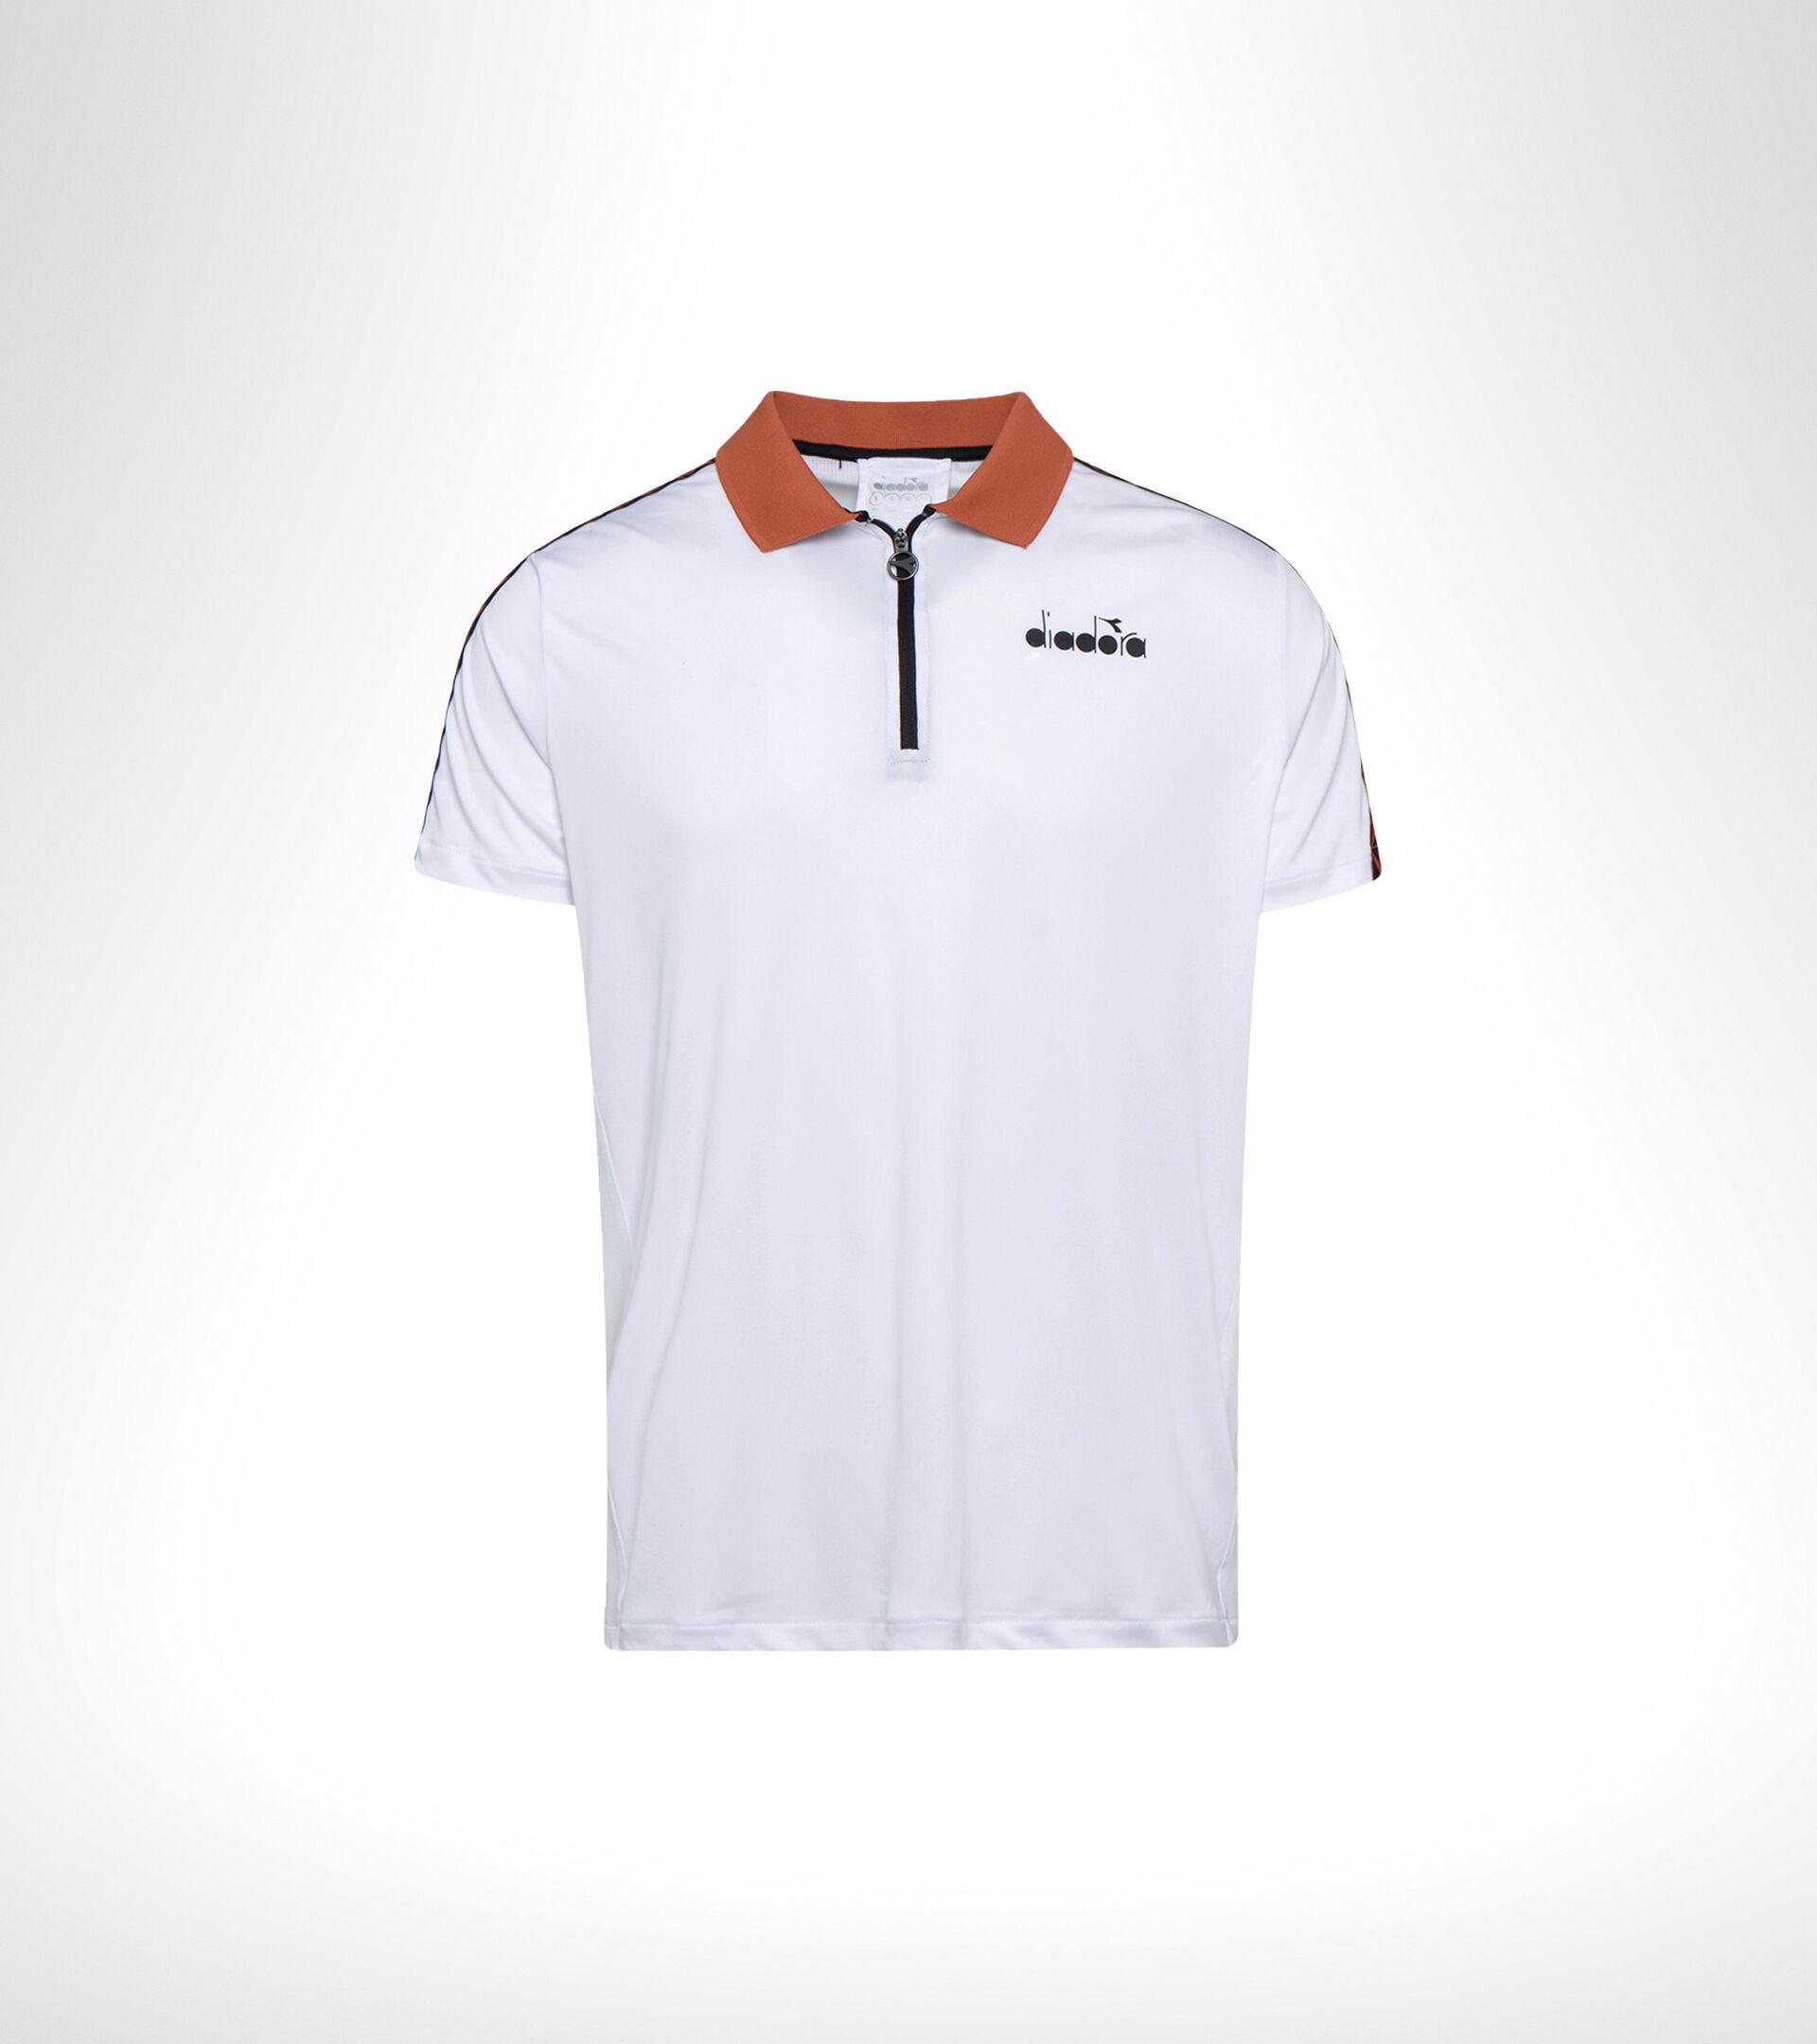 Polo de tenis - Hombre SS POLO CHALLENGE BLANCO VIVO - Diadora